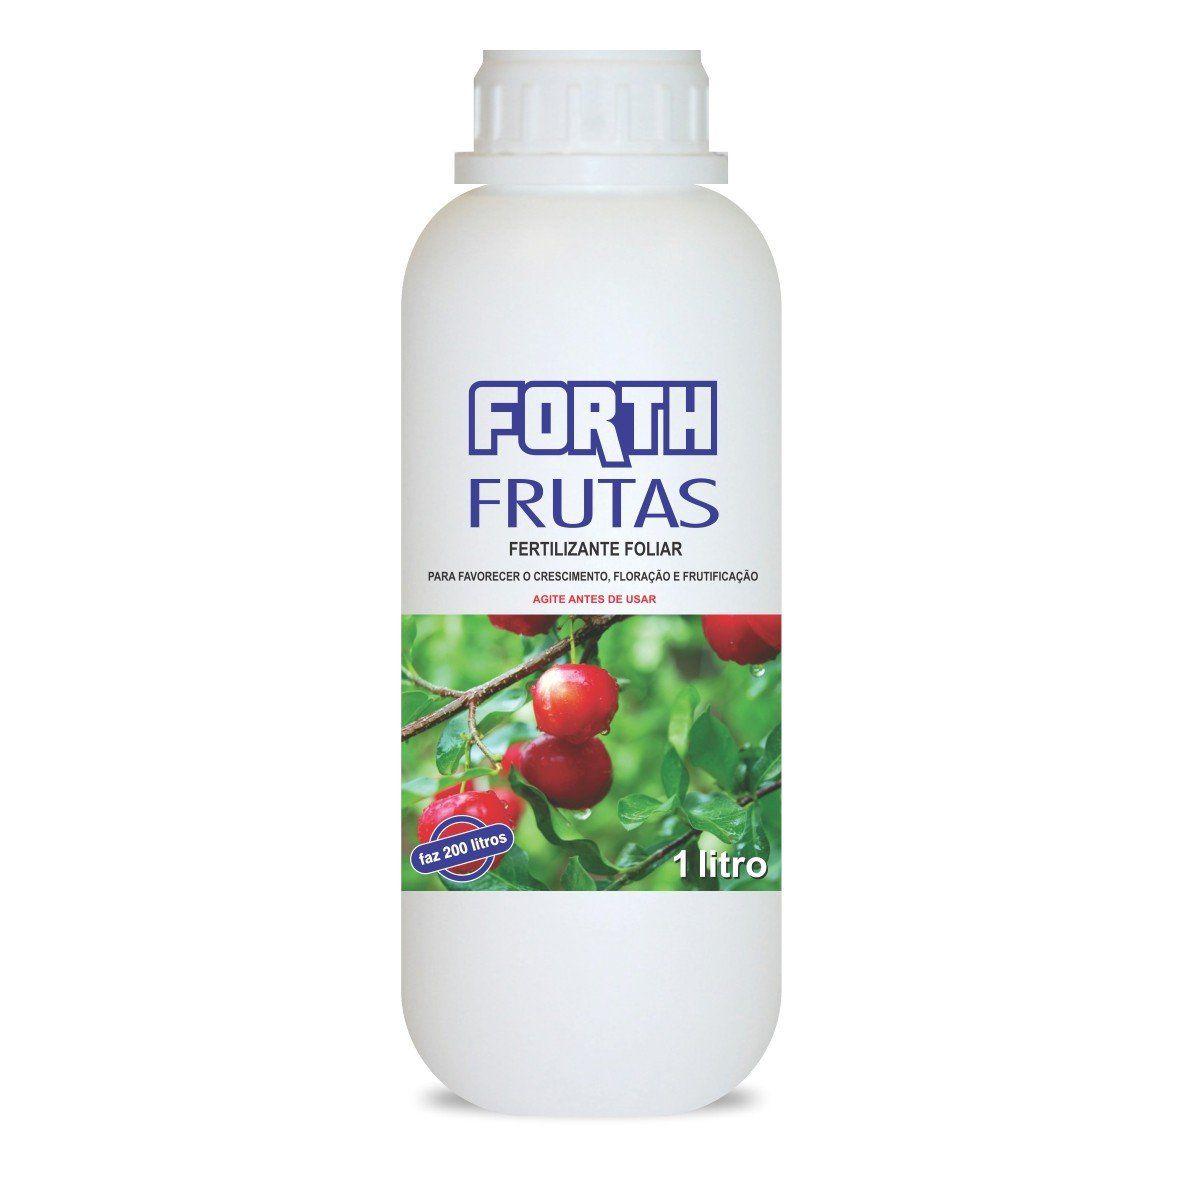 Forth Frutas Líquido Concentrado 1 litro